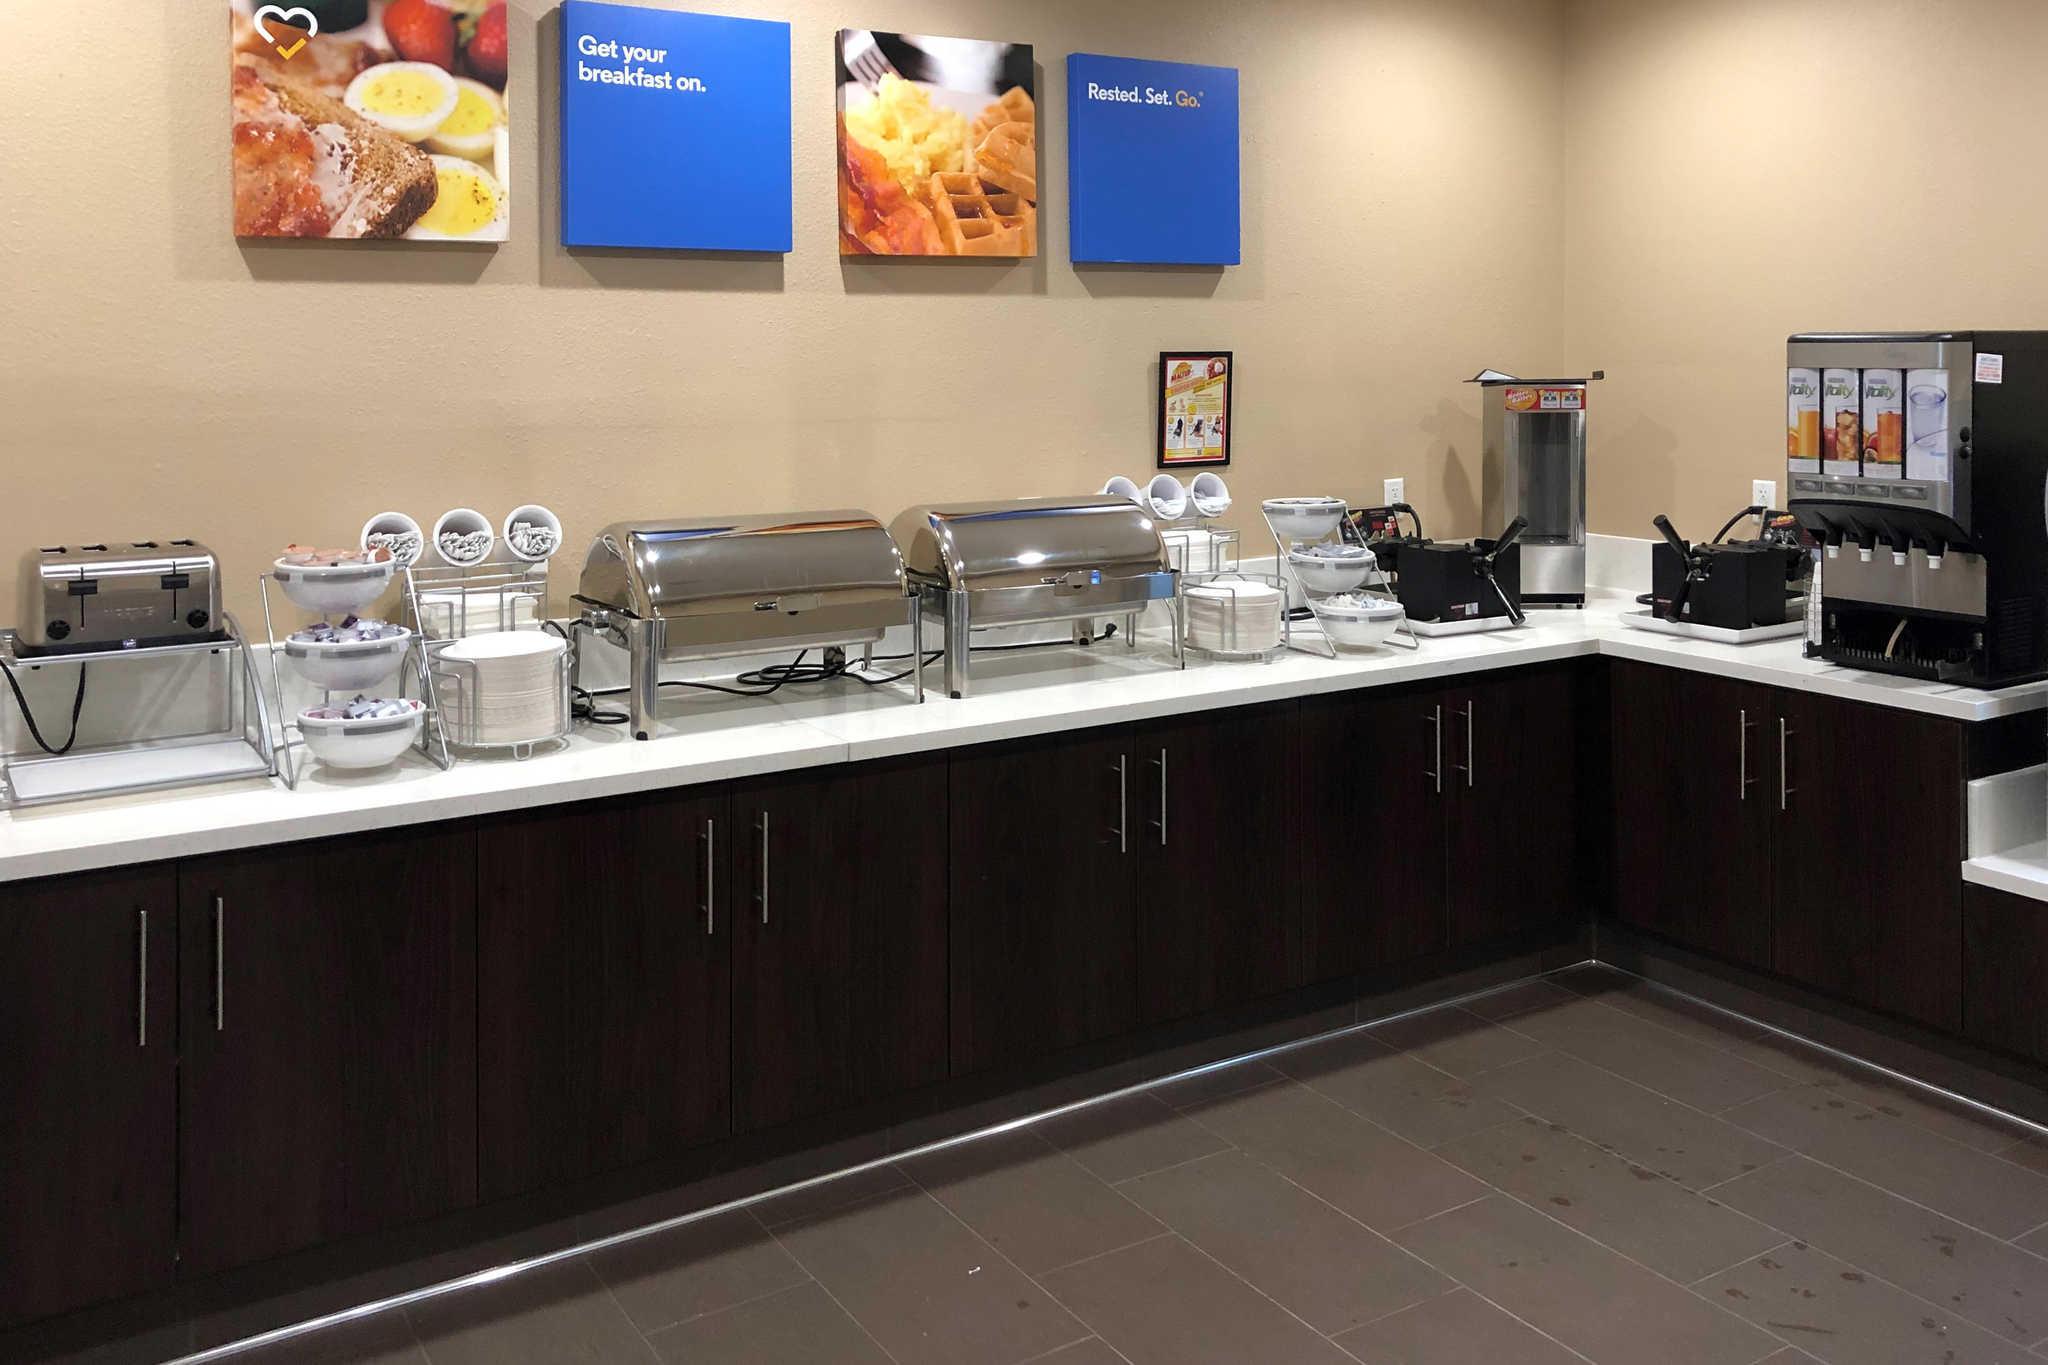 Comfort Inn & Suites Orange County John Wayne Airport image 18